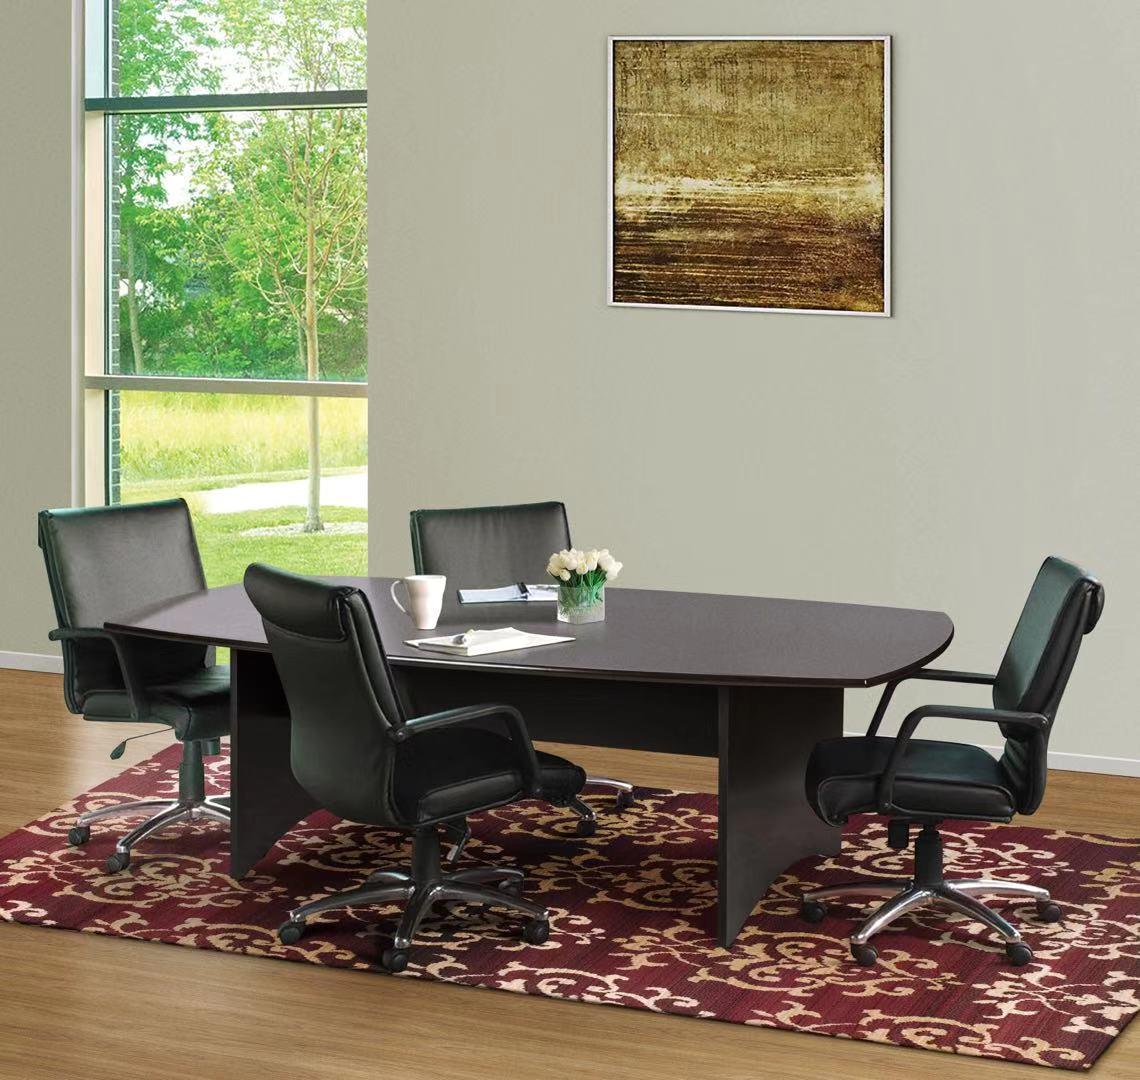 DC903 Boardroom Table